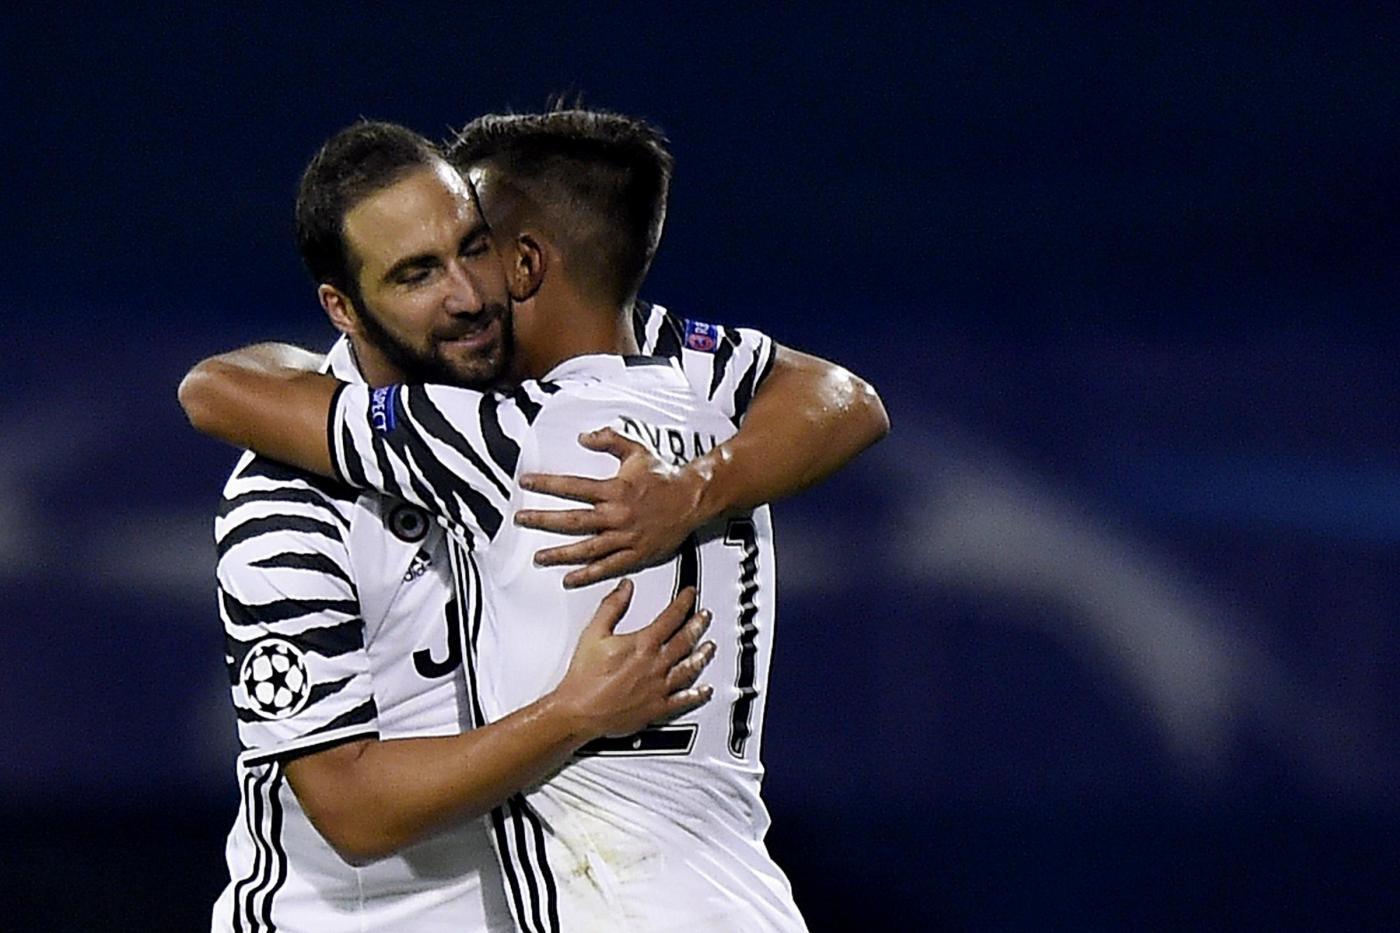 Barcellona-Juventus Champions League analisi probabili formazioni pronostico girone D 12 settembre 2017